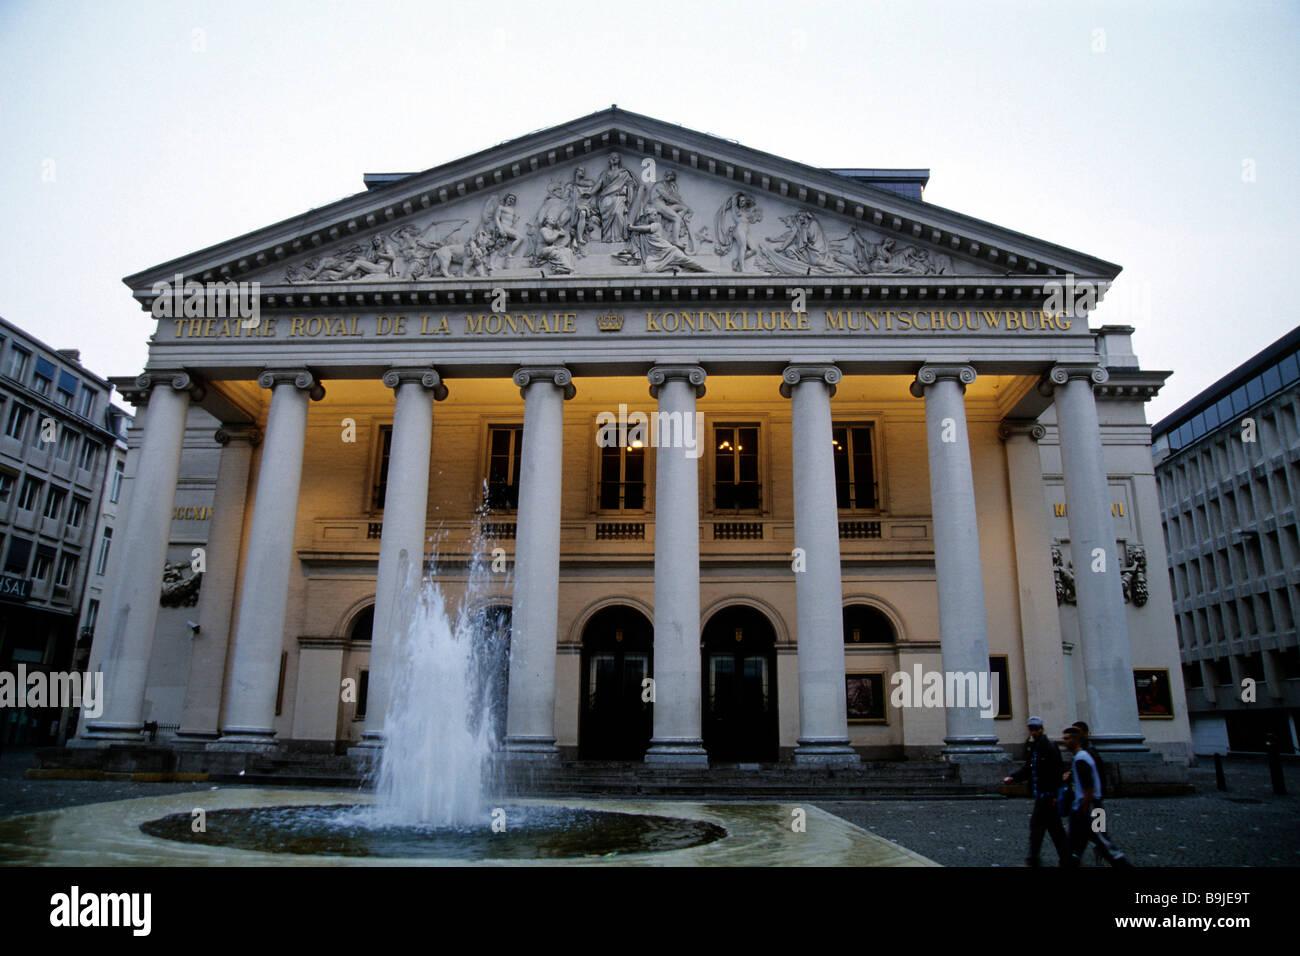 Theatre Royale de la Monnaie, Koninklijke Muntschouwburg, neo-classical main facade with columns, Place de la Monnaie, - Stock Image